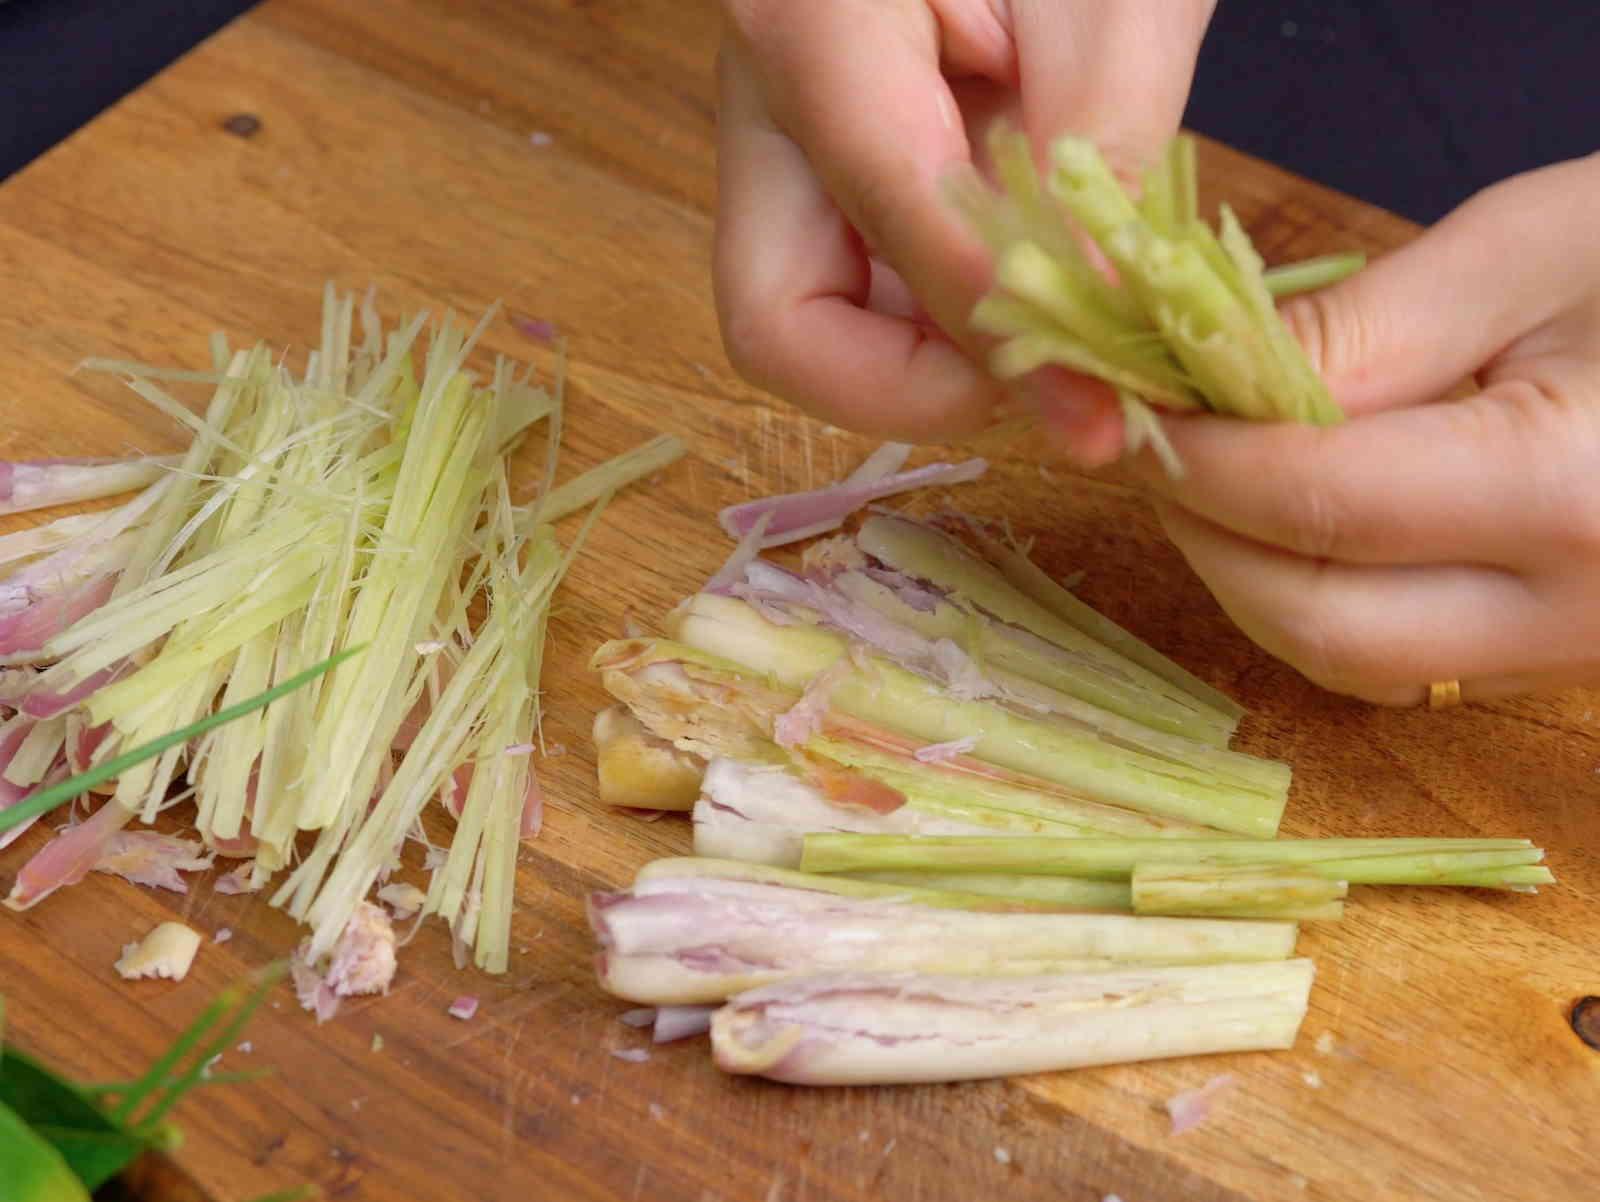 sơ chế nguyên liệu nấu lẩu hải sản chua ngọt